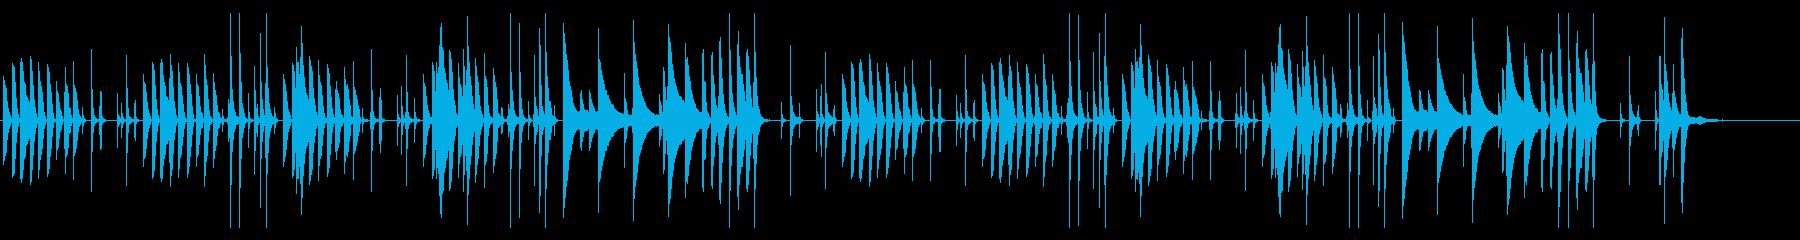 会話シーンなどの少し間の抜けたBGMの再生済みの波形